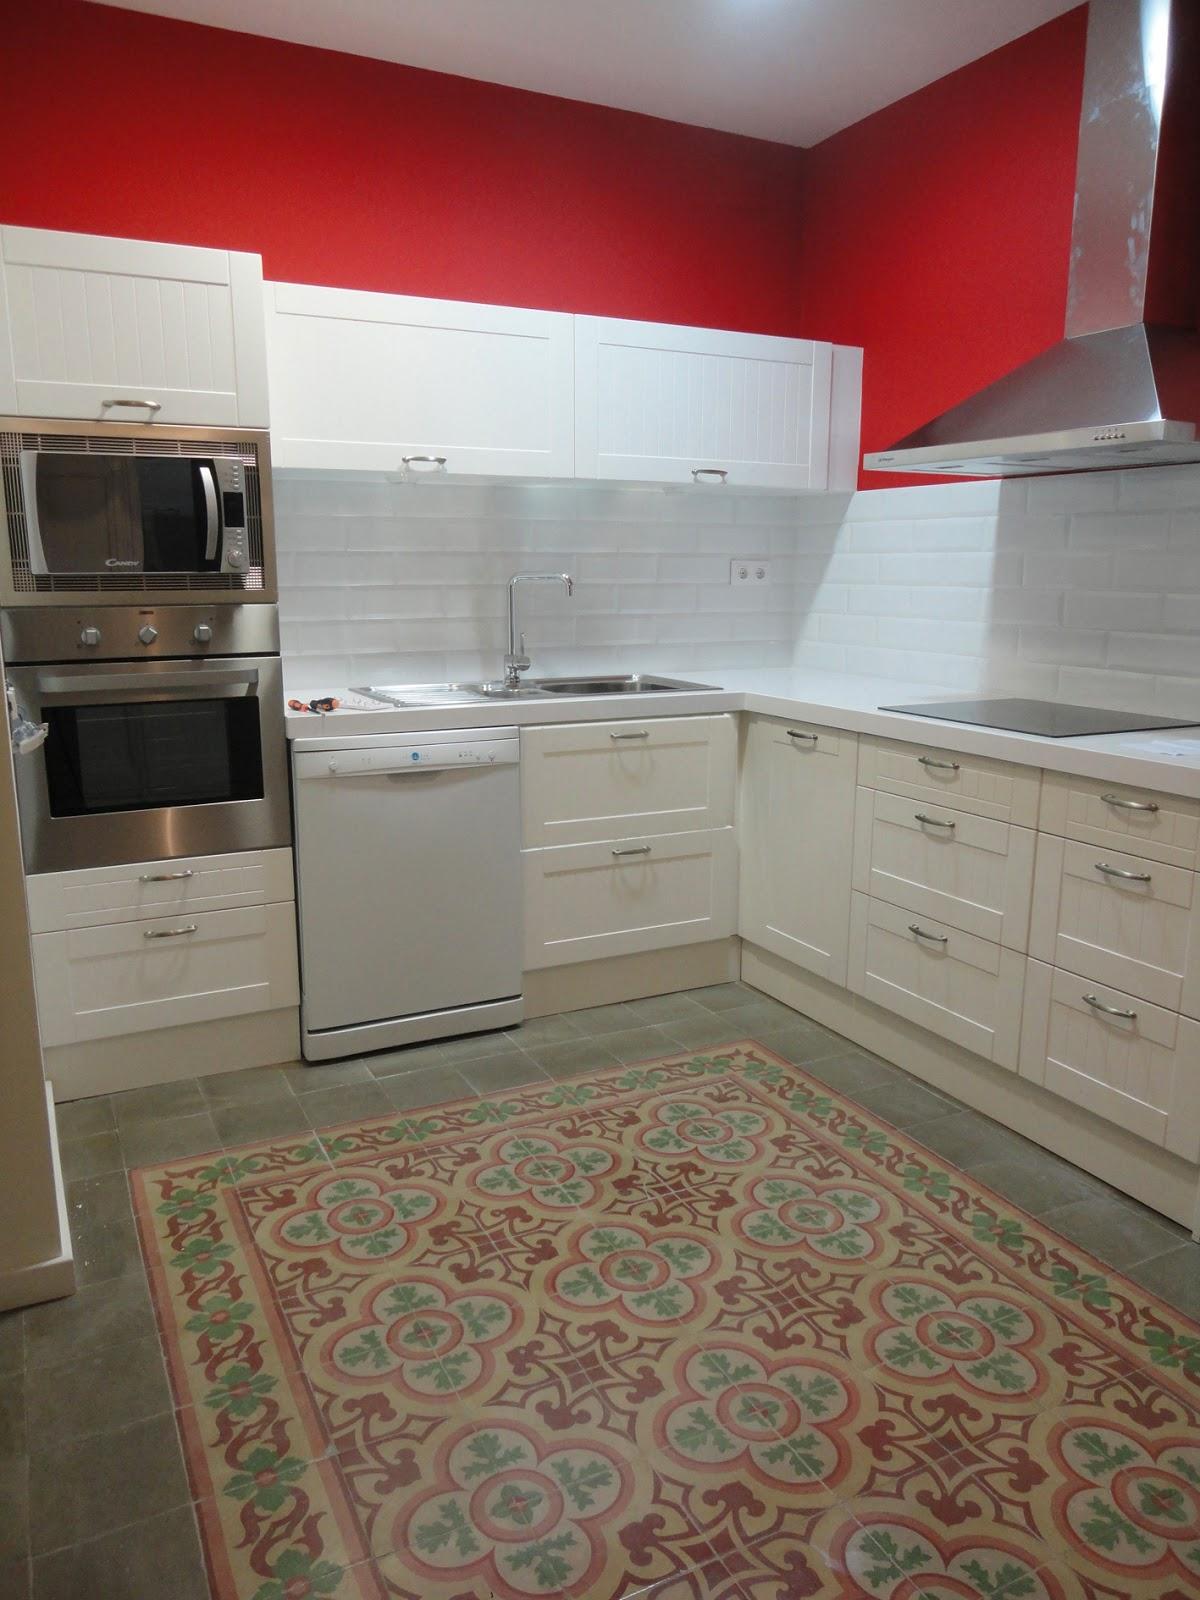 Deco suelo hidr ulico para mi cocina in my kitchen - Suelo de cocina ...